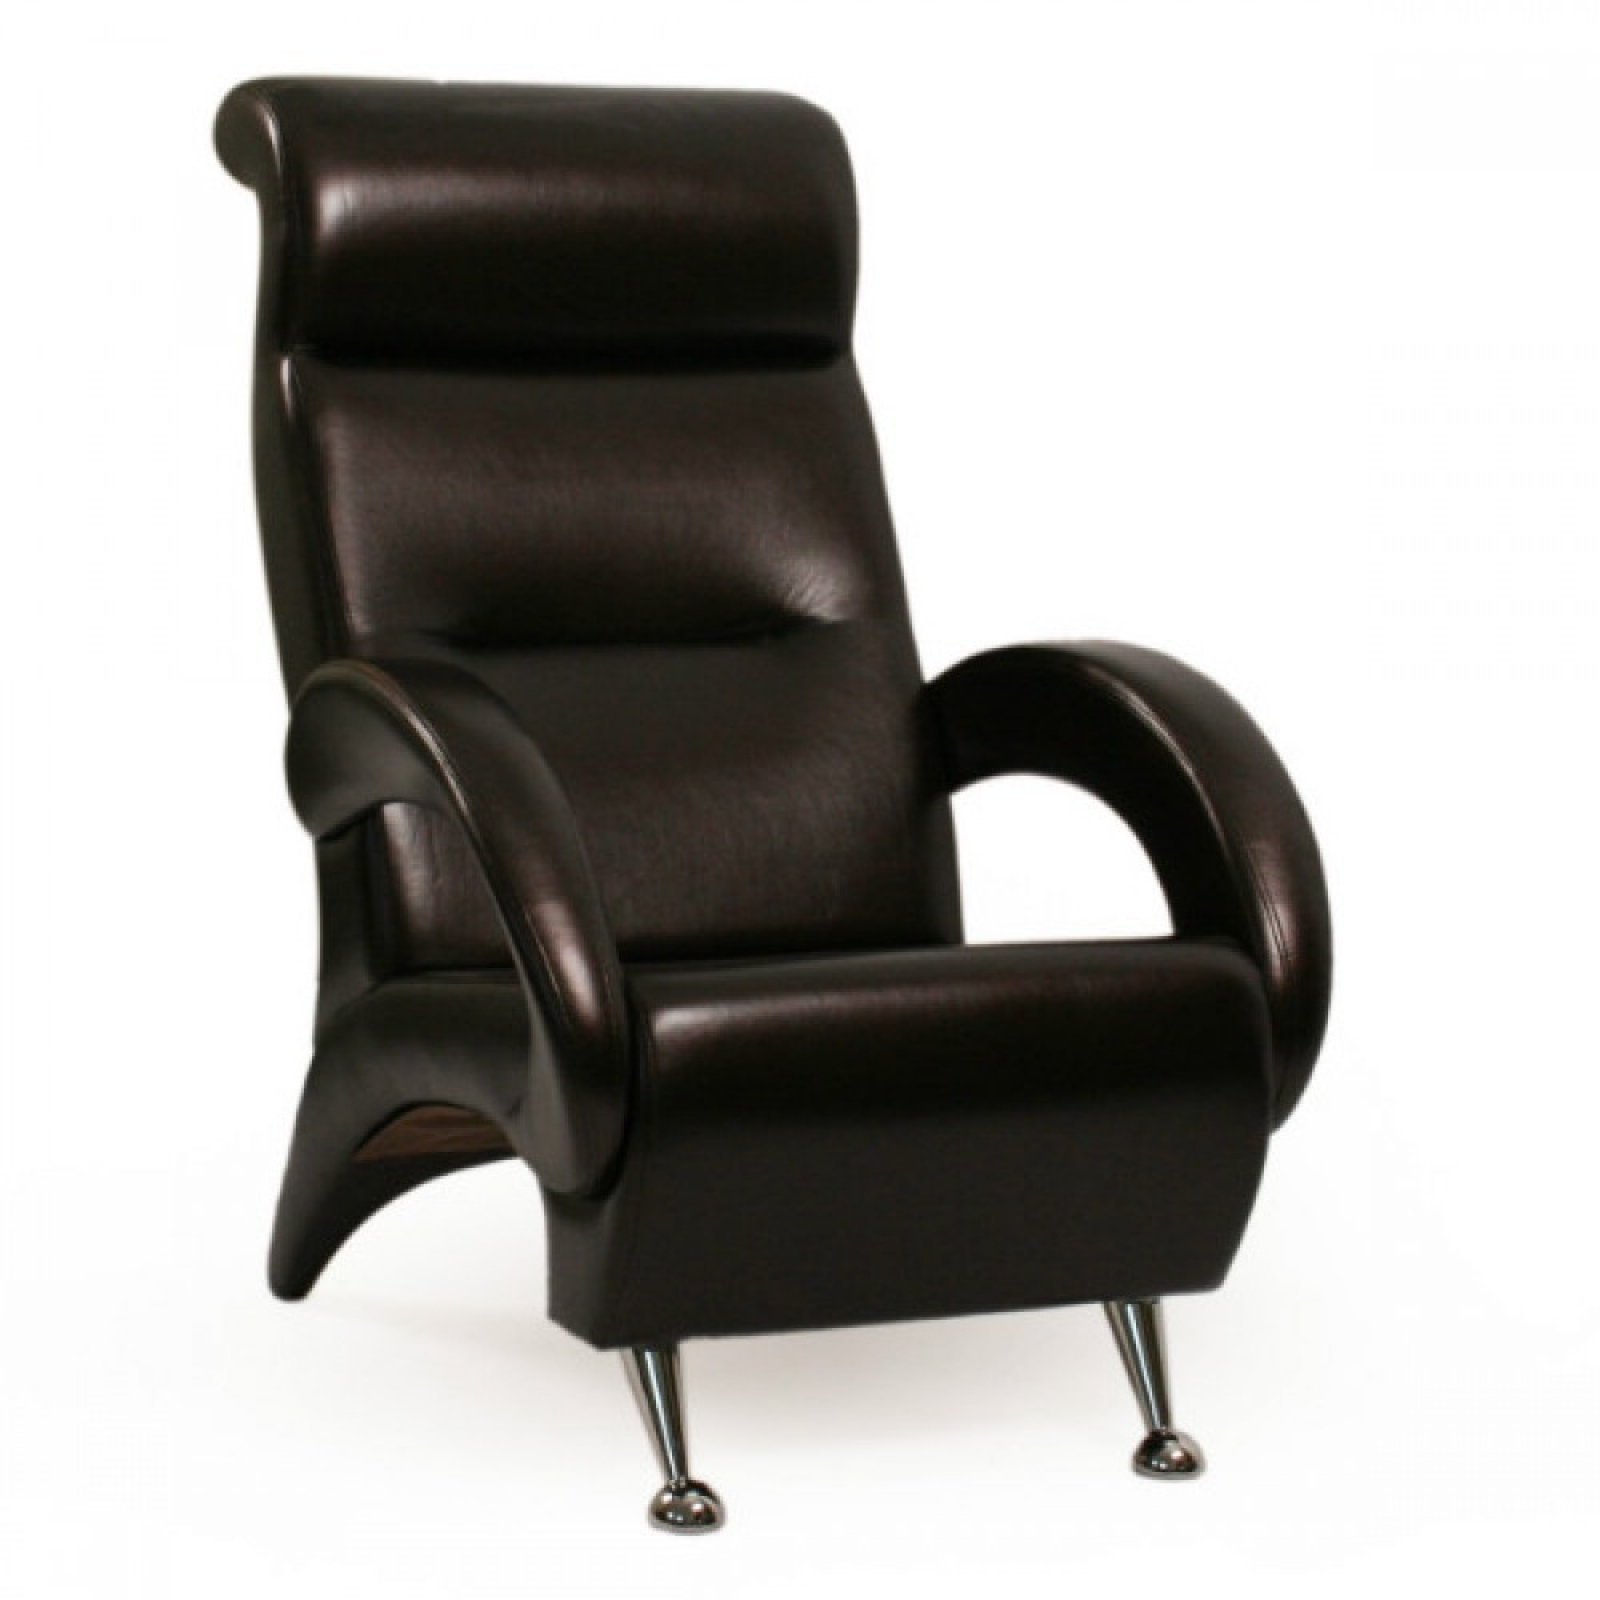 Кресло для отдыха, Модель 9-К, Орегон 120 - 1